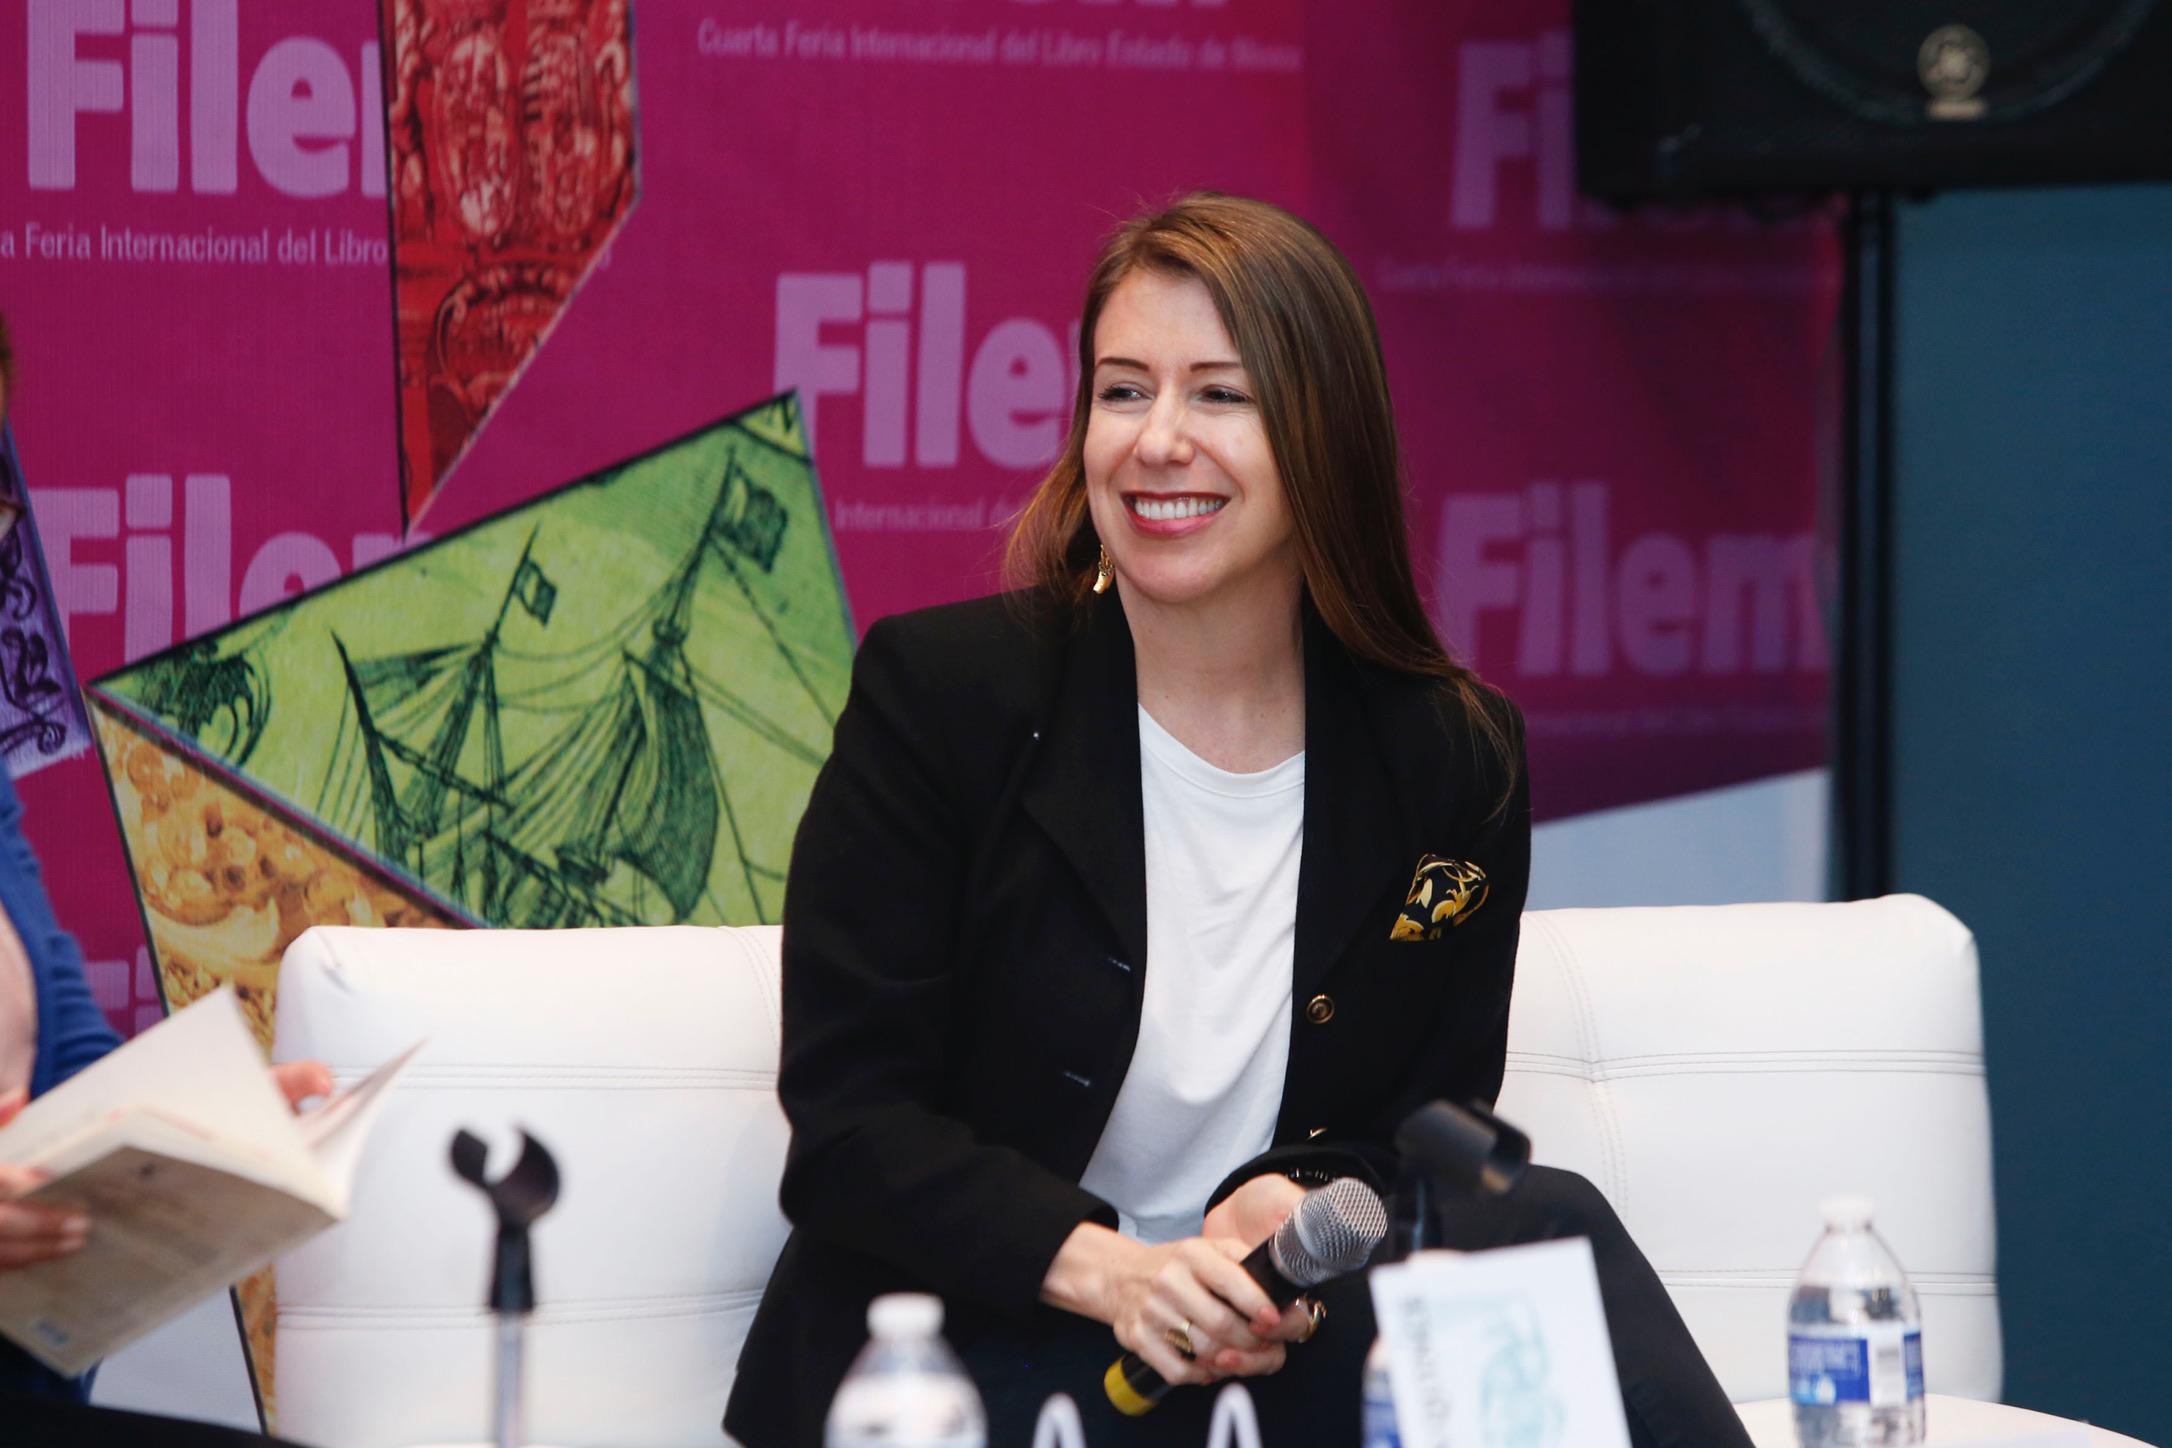 La cultura es para todo el mundo: Julia Santibáñez